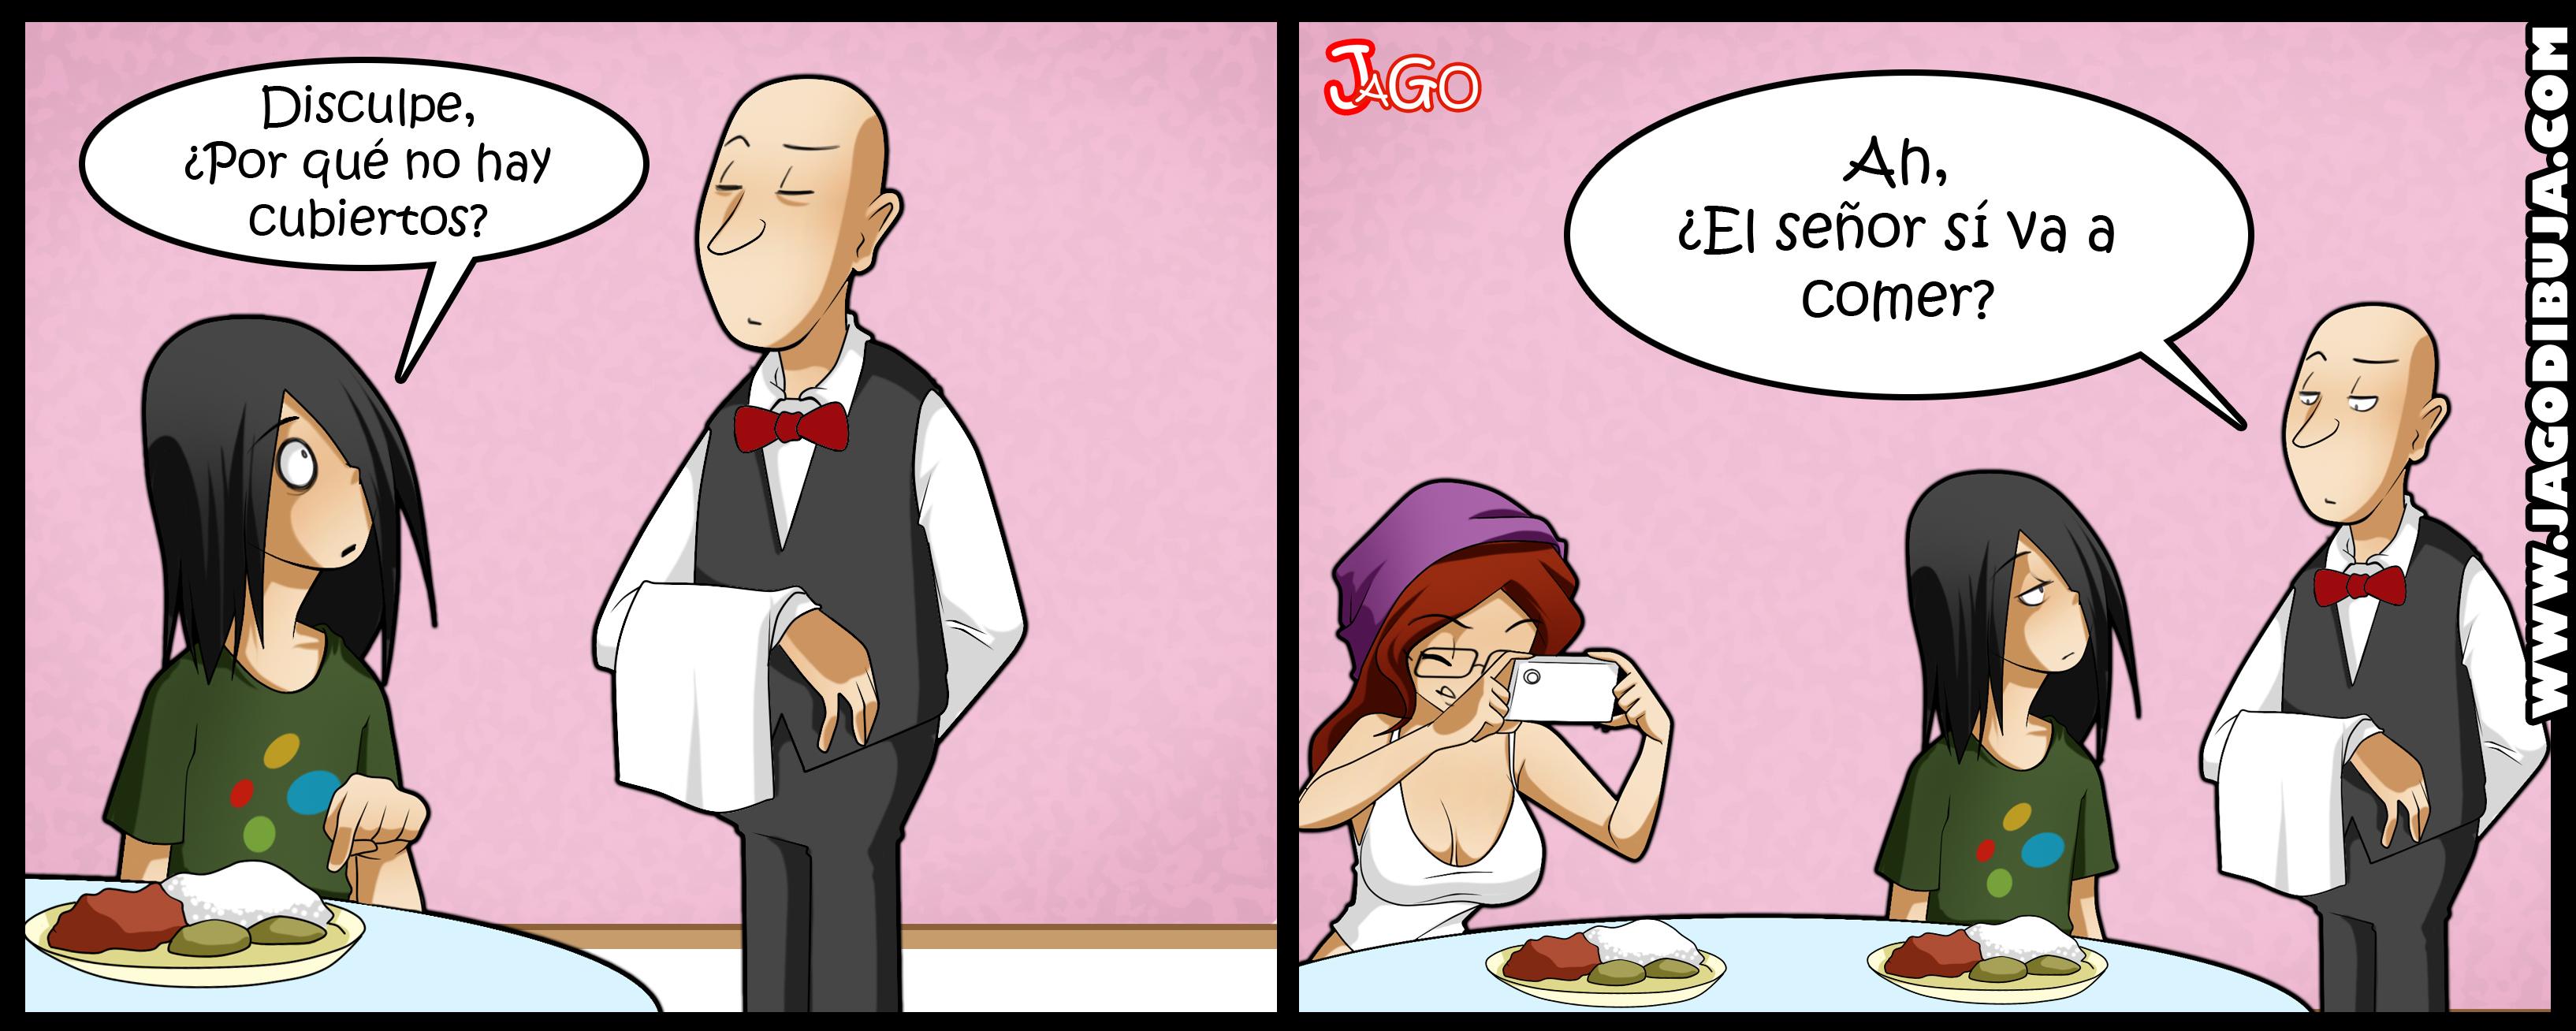 comida humor geek